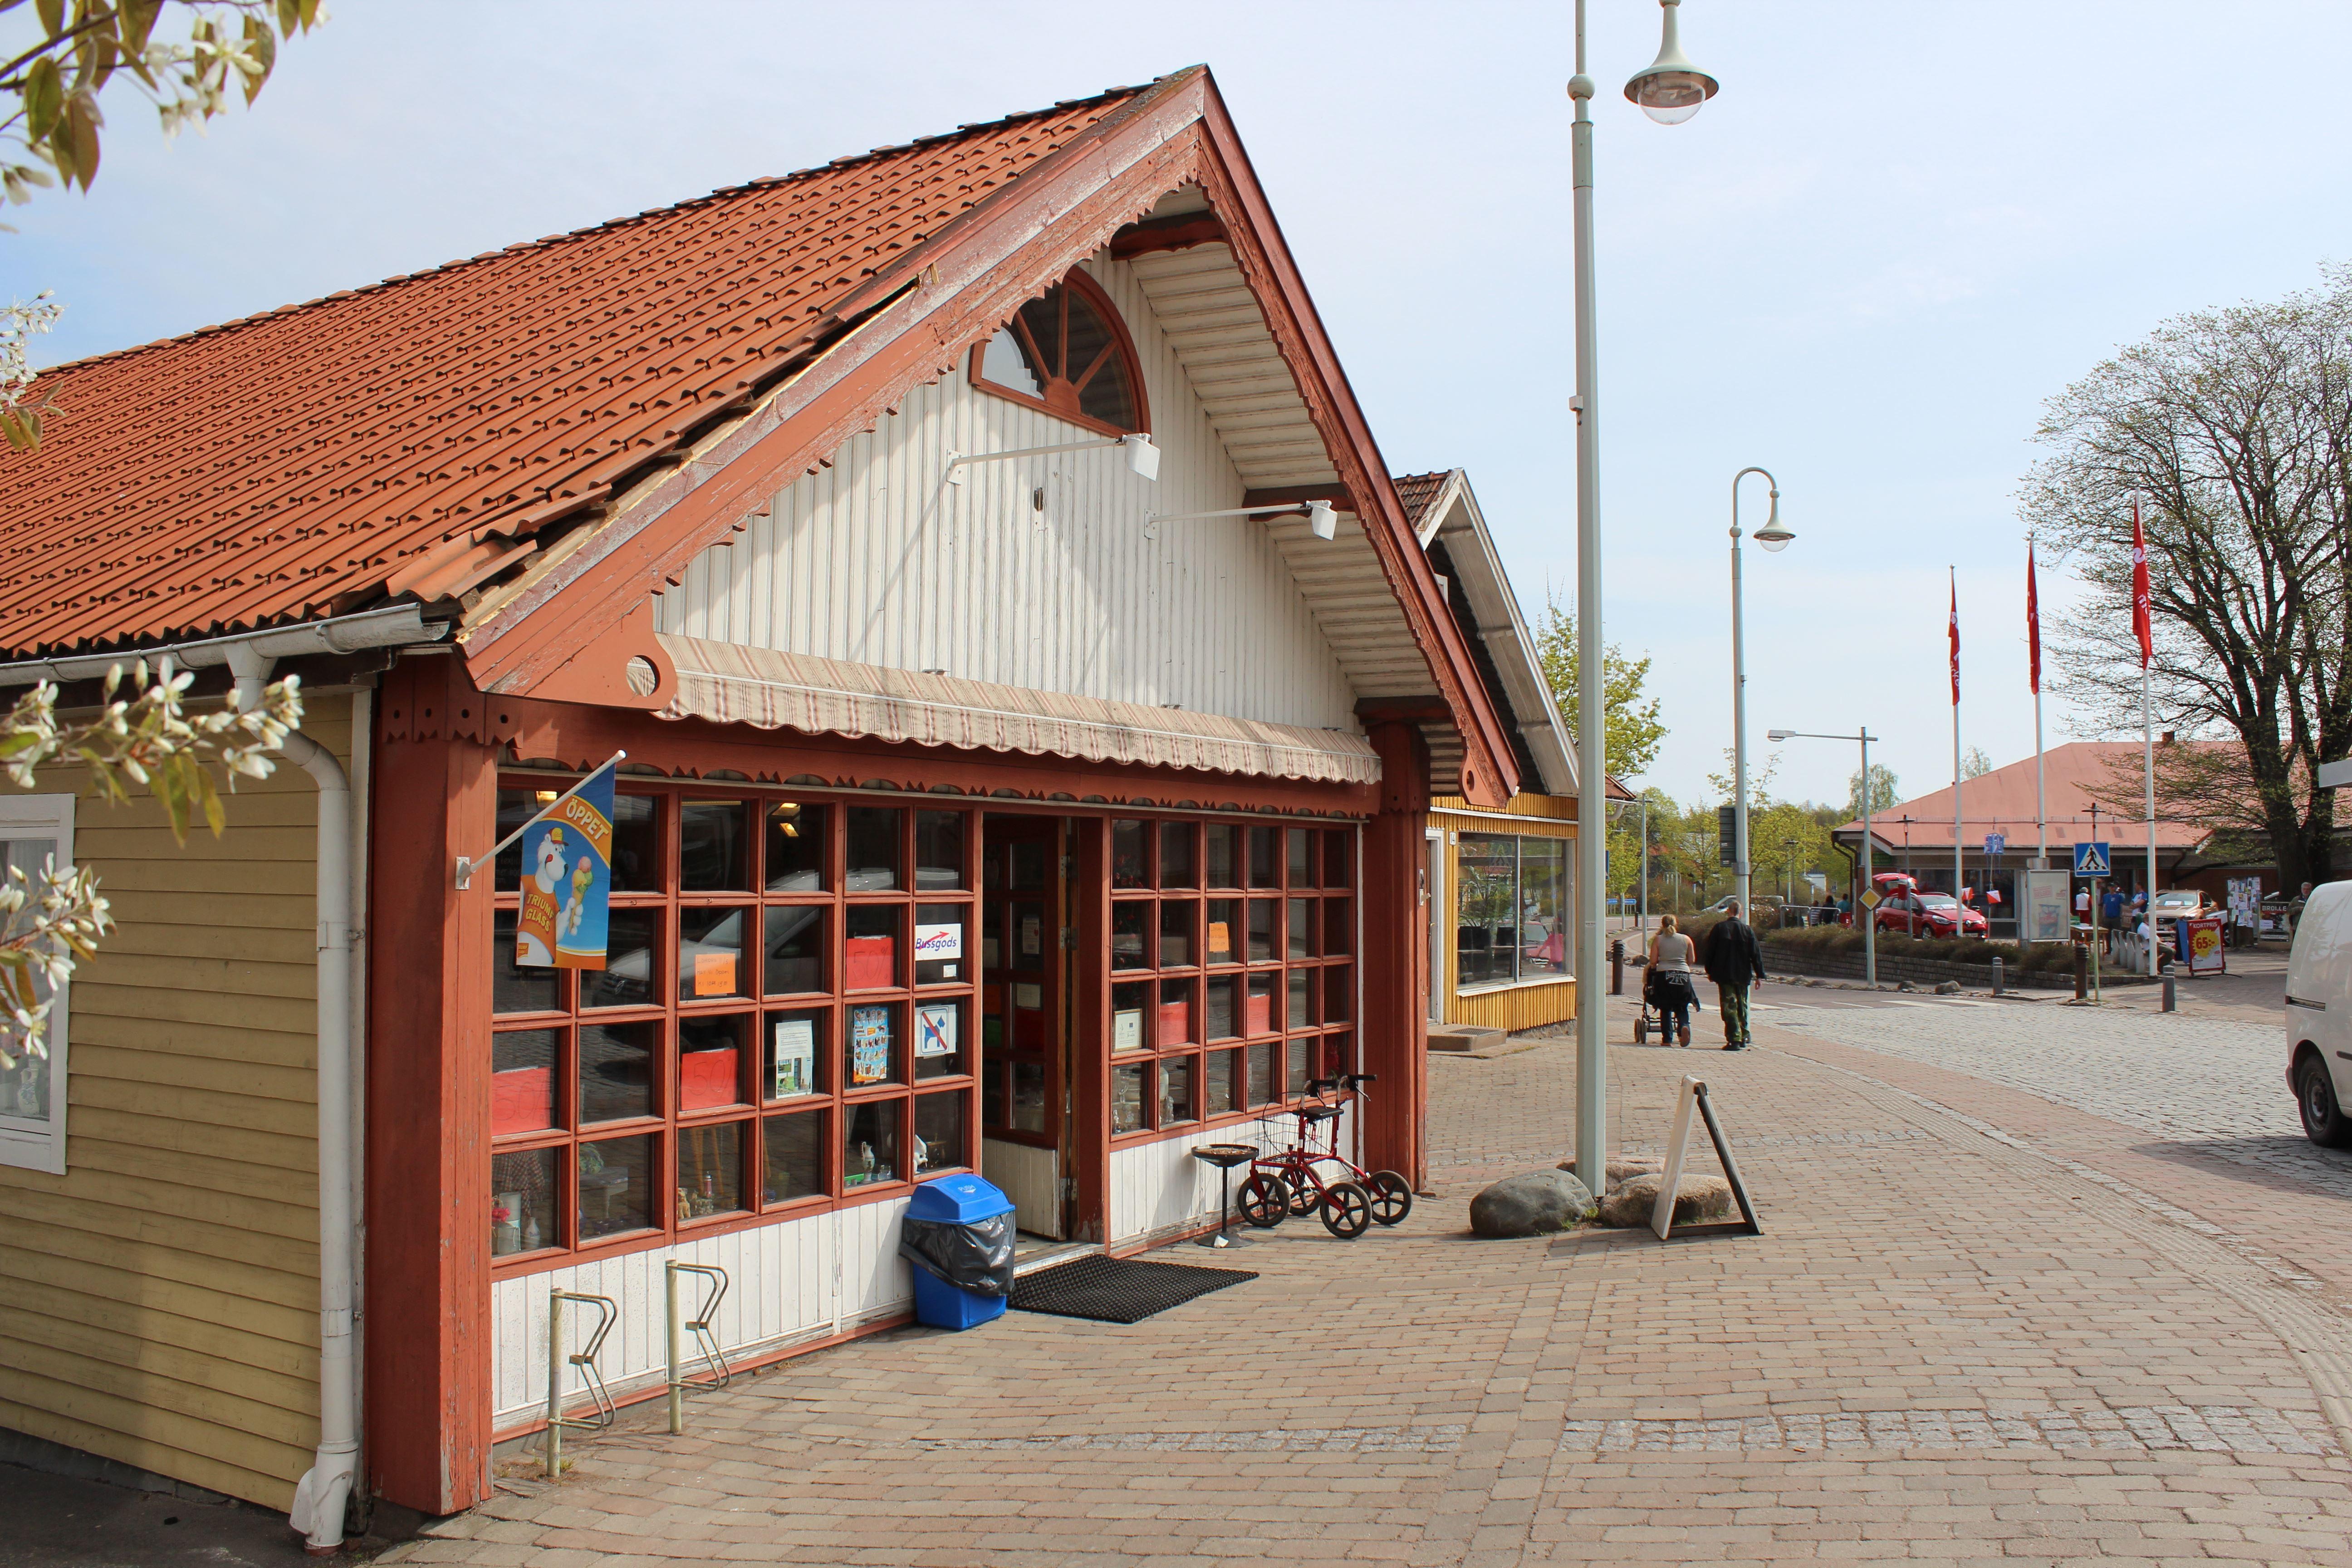 Lilla butiken